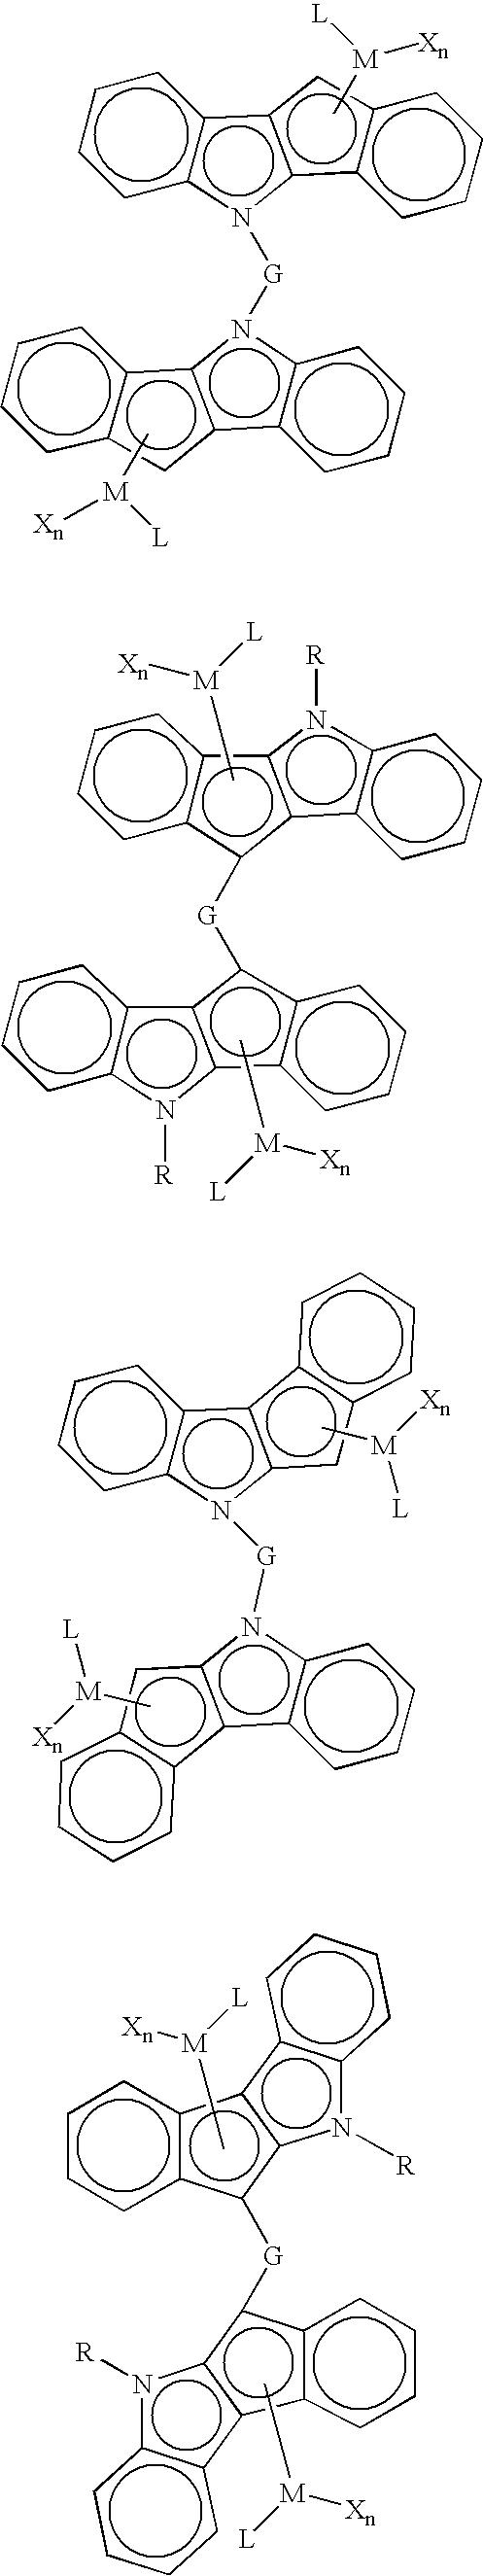 Figure US06841500-20050111-C00005